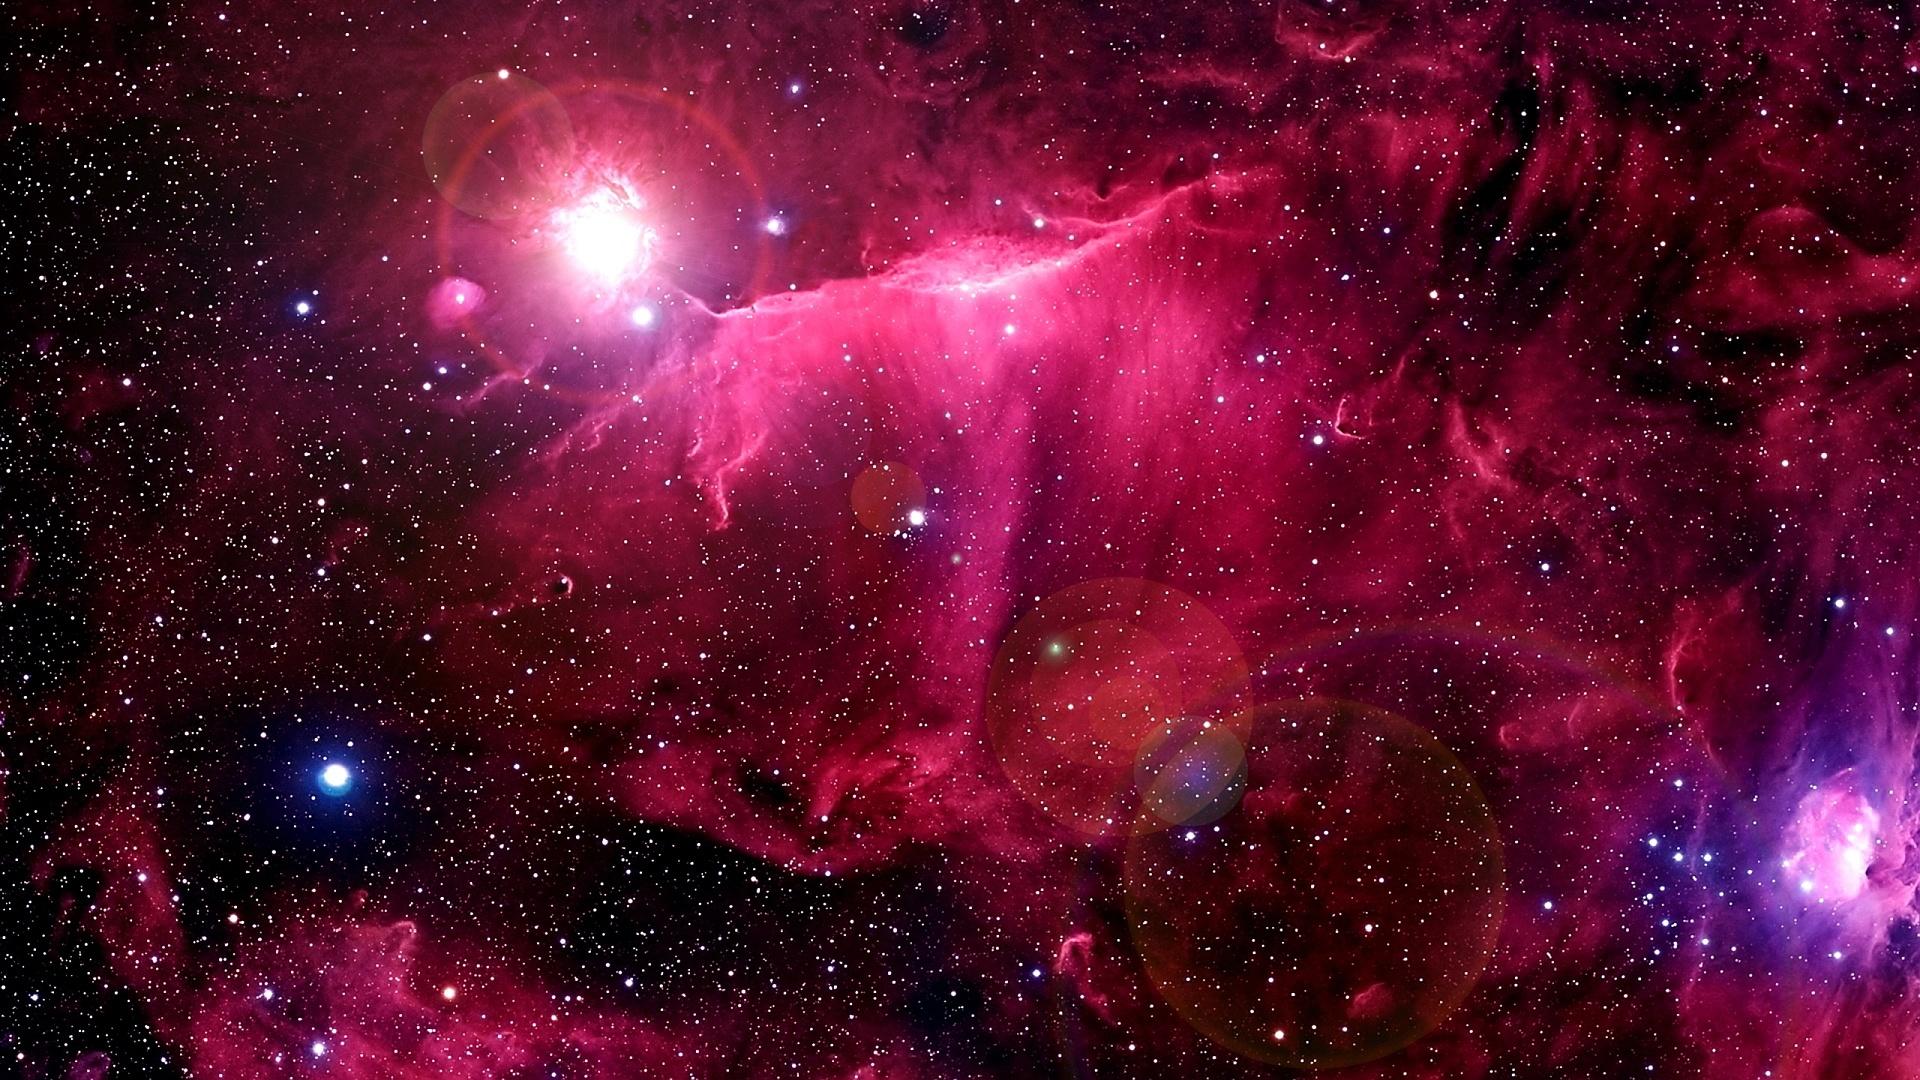 pink nebula galaxy space wallpaper - photo #25